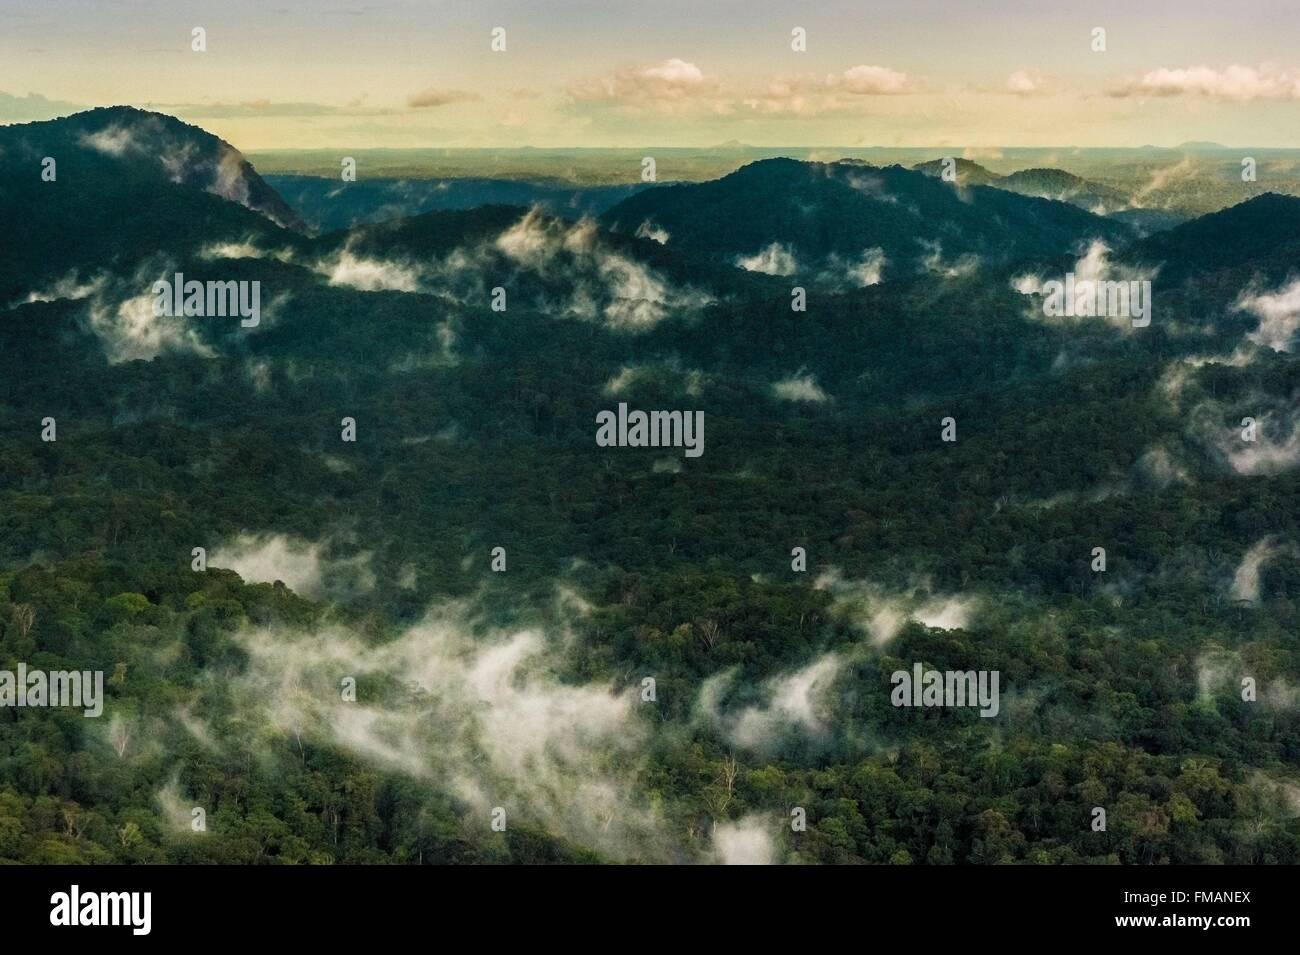 Francia, Guyana Guyana Francese Parco amazzonico, area del cuore, le nebbie serali nella foresta amazzonica Immagini Stock